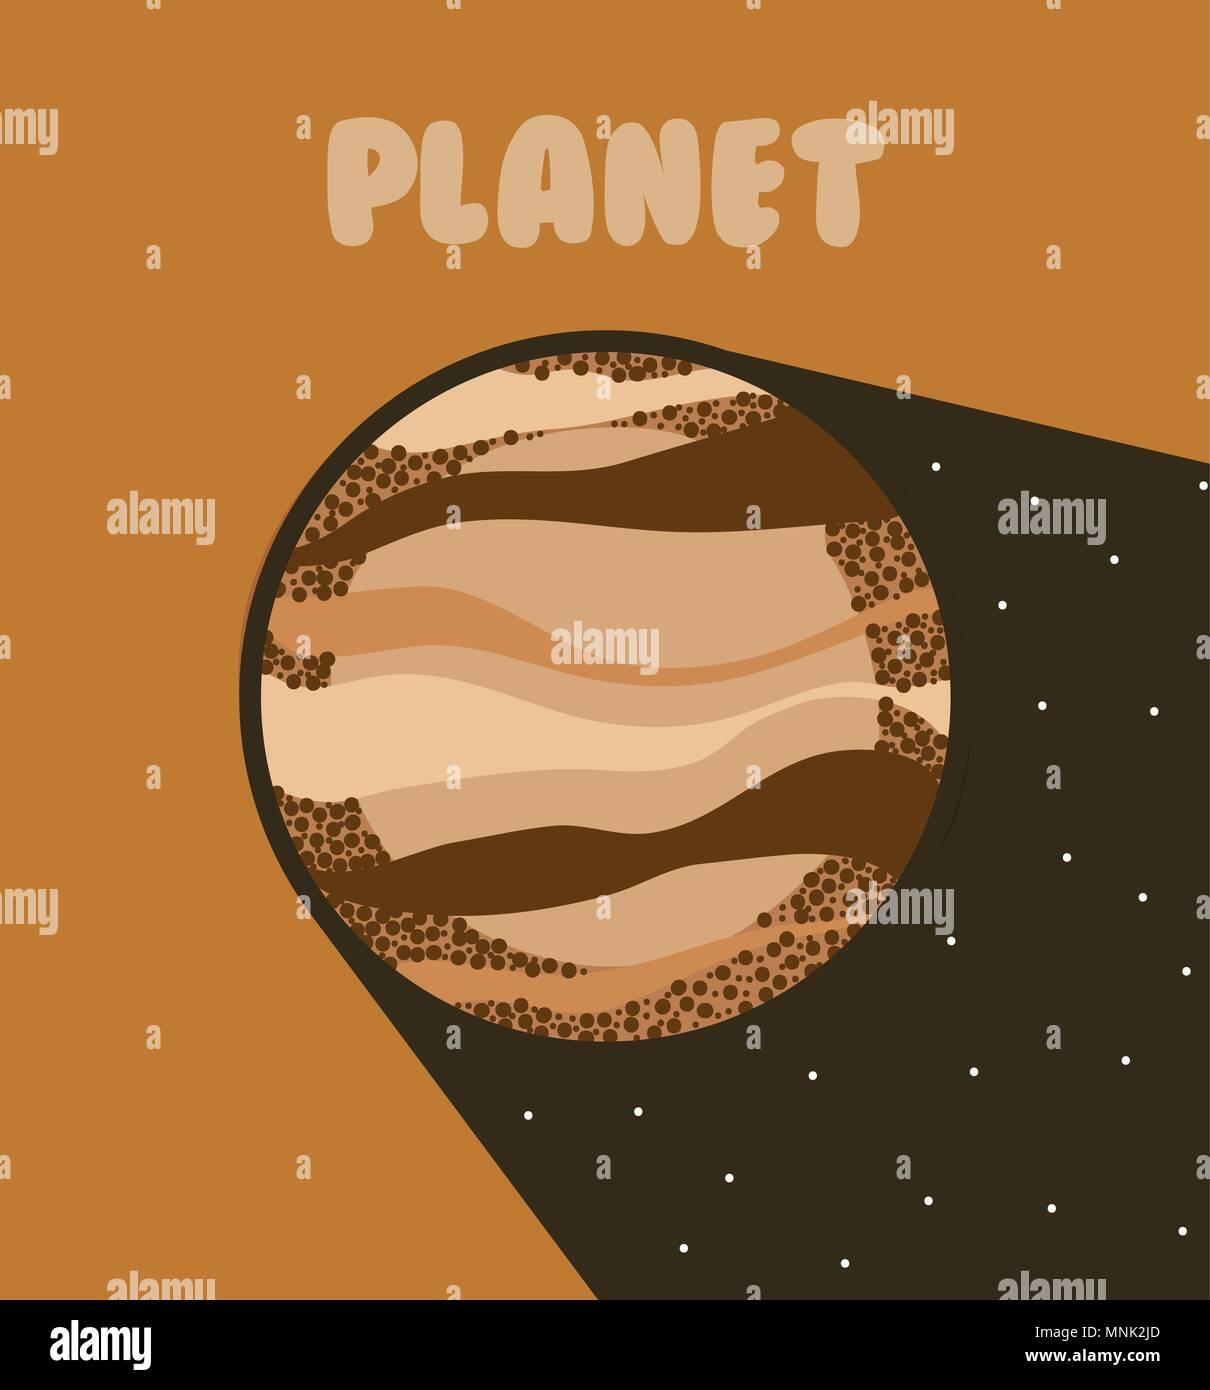 Venus milkyway planet - Stock Image